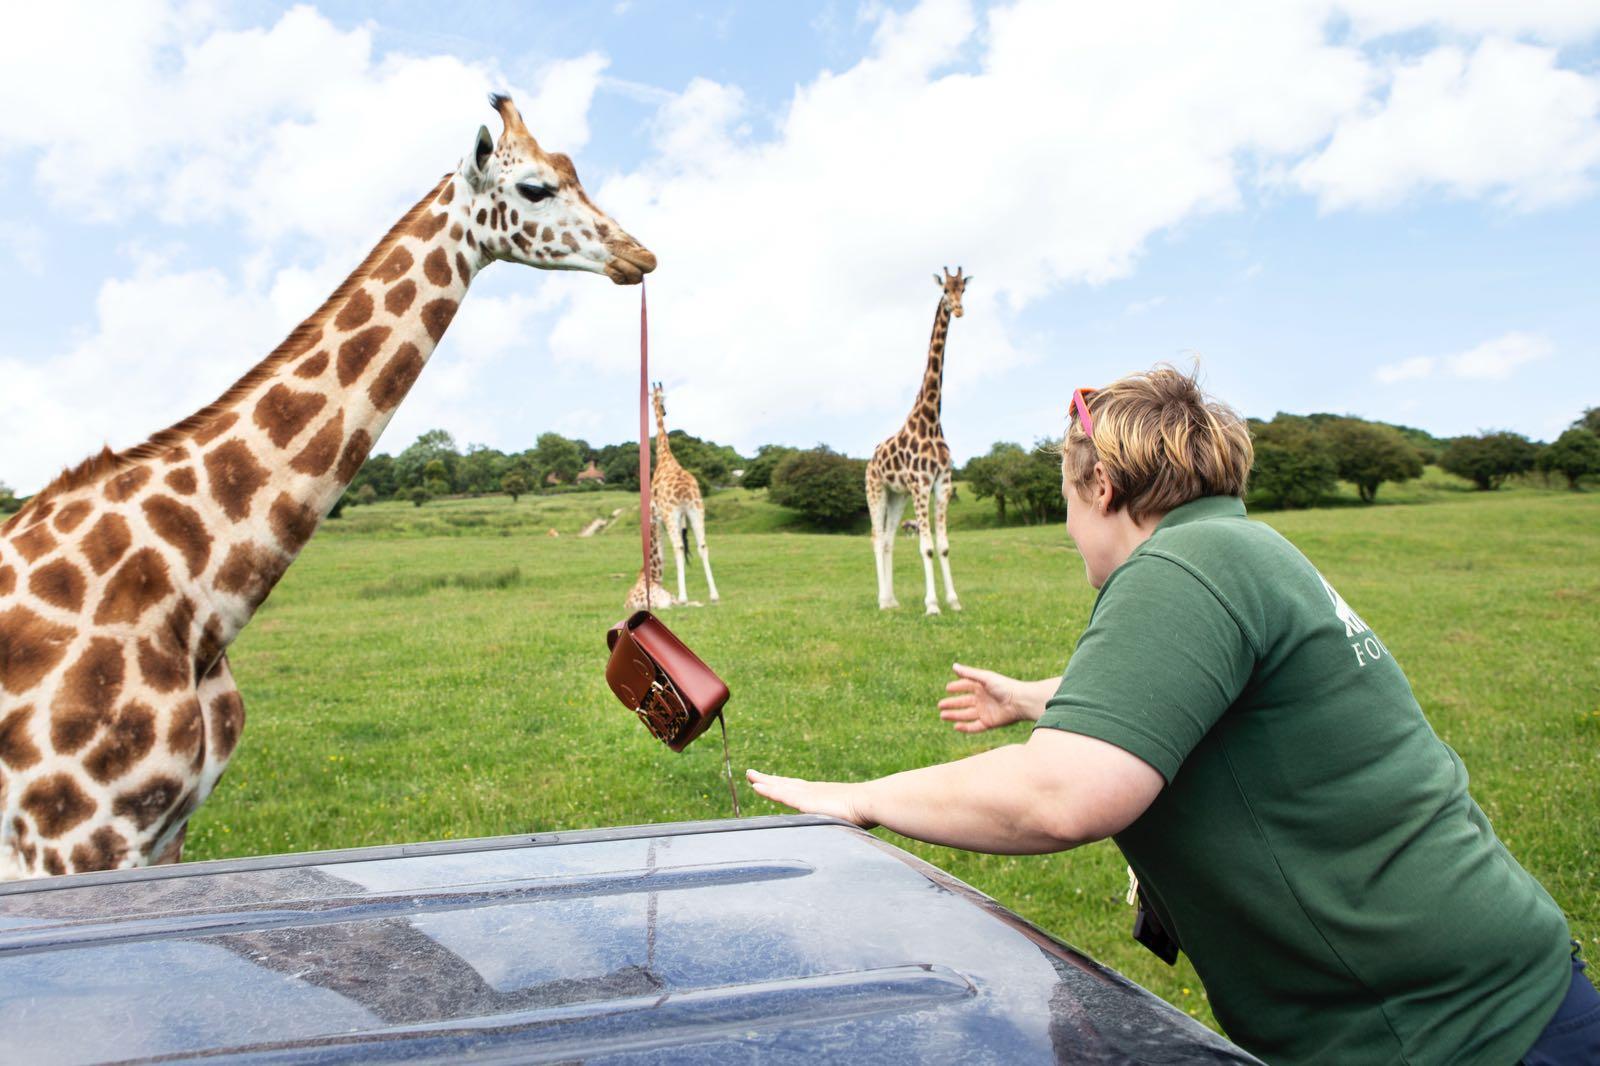 Giraffes at The Aspinall Foundation